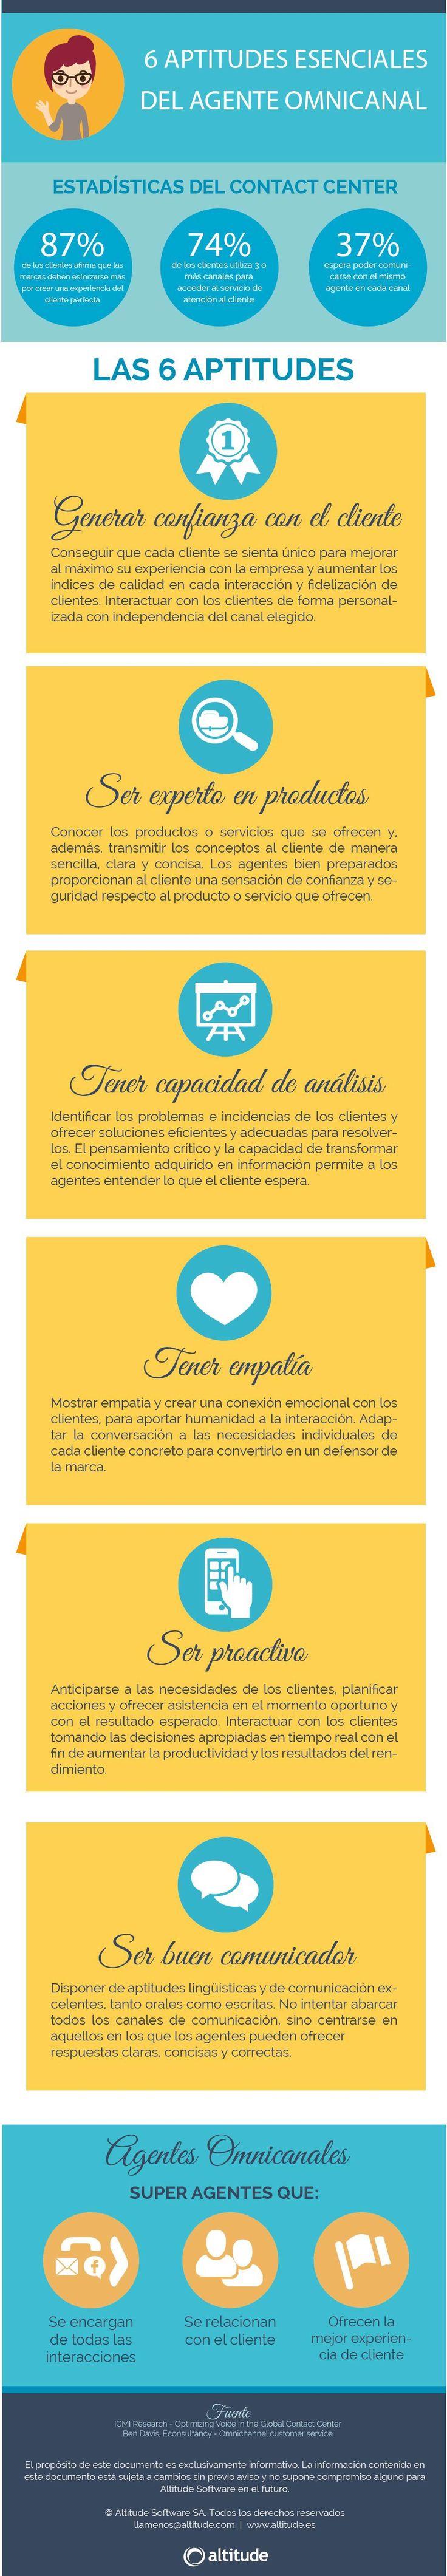 6 aptitudes esenciales en Agente Omnicanal #infografia